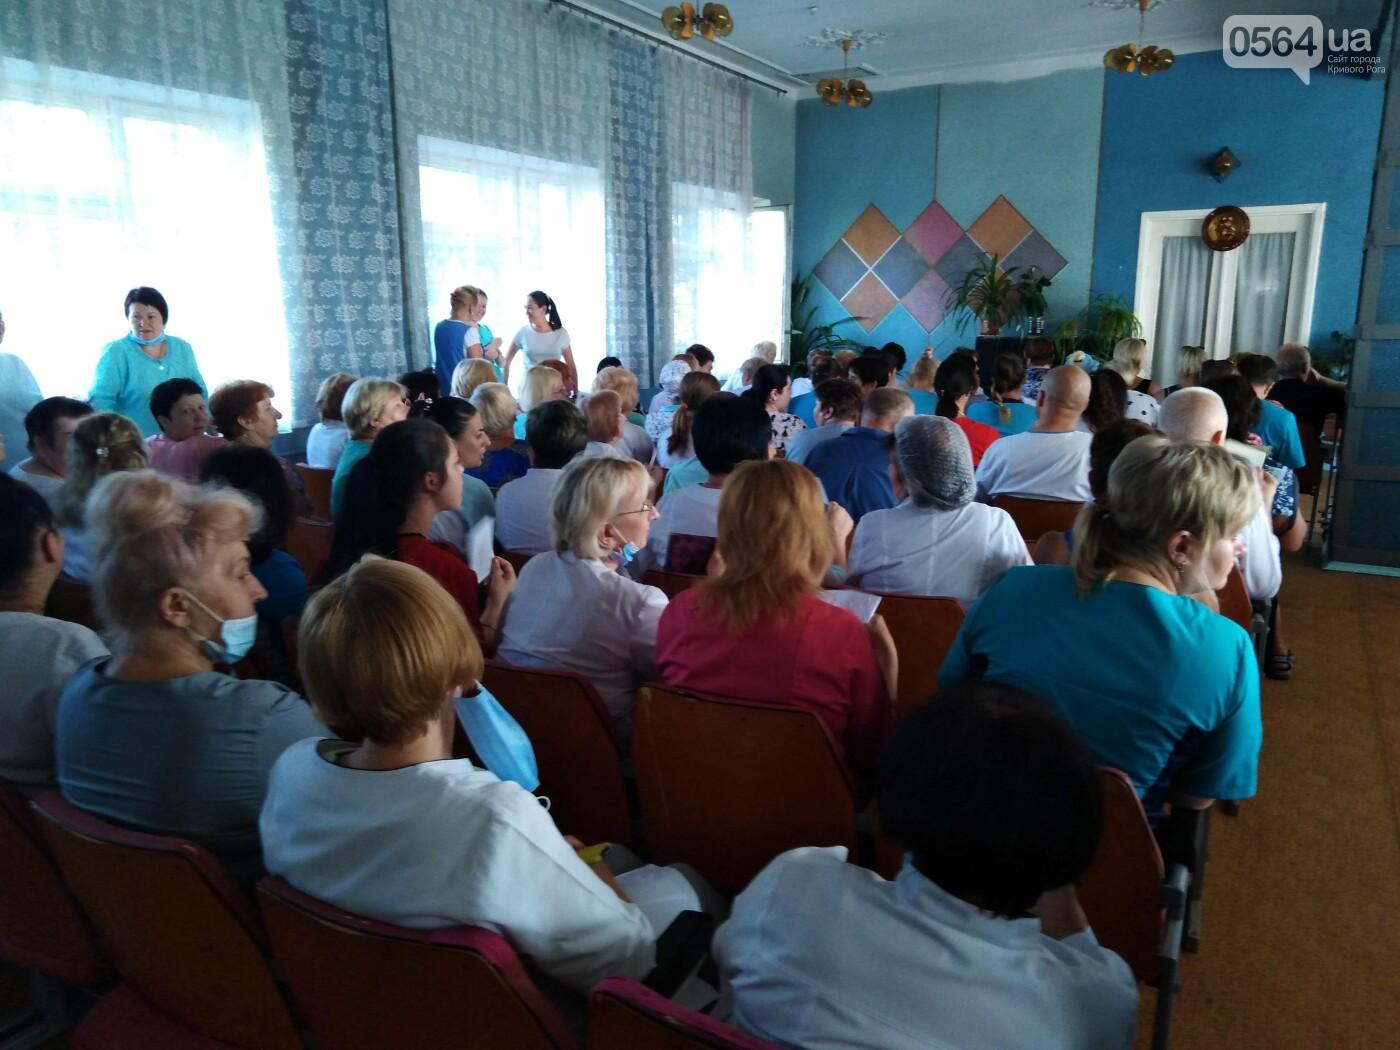 Коллектив 8-й горбольницы проводит собрание, - ФОТО, ВИДЕО, фото-2